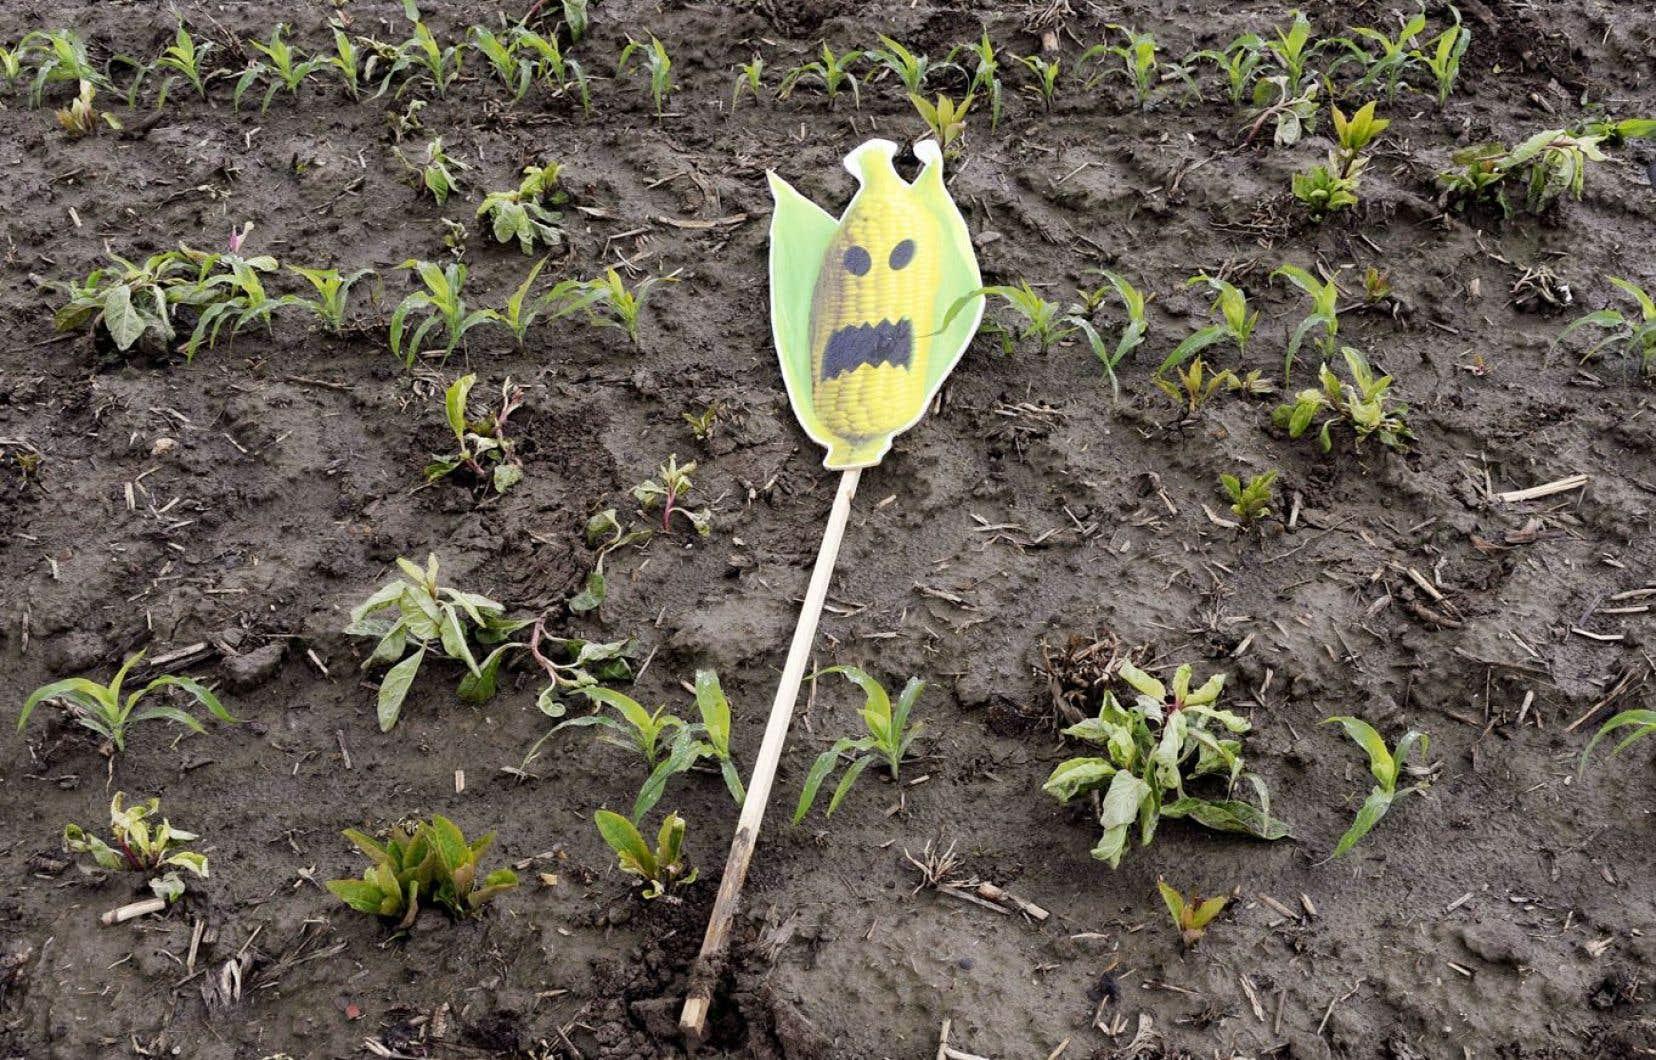 Les producteurs doivent-ils réclamer un assouplissement de la norme biologique pour permettre une faible présence d'OGM ou poursuivre malgré tout leur quête de pureté ?